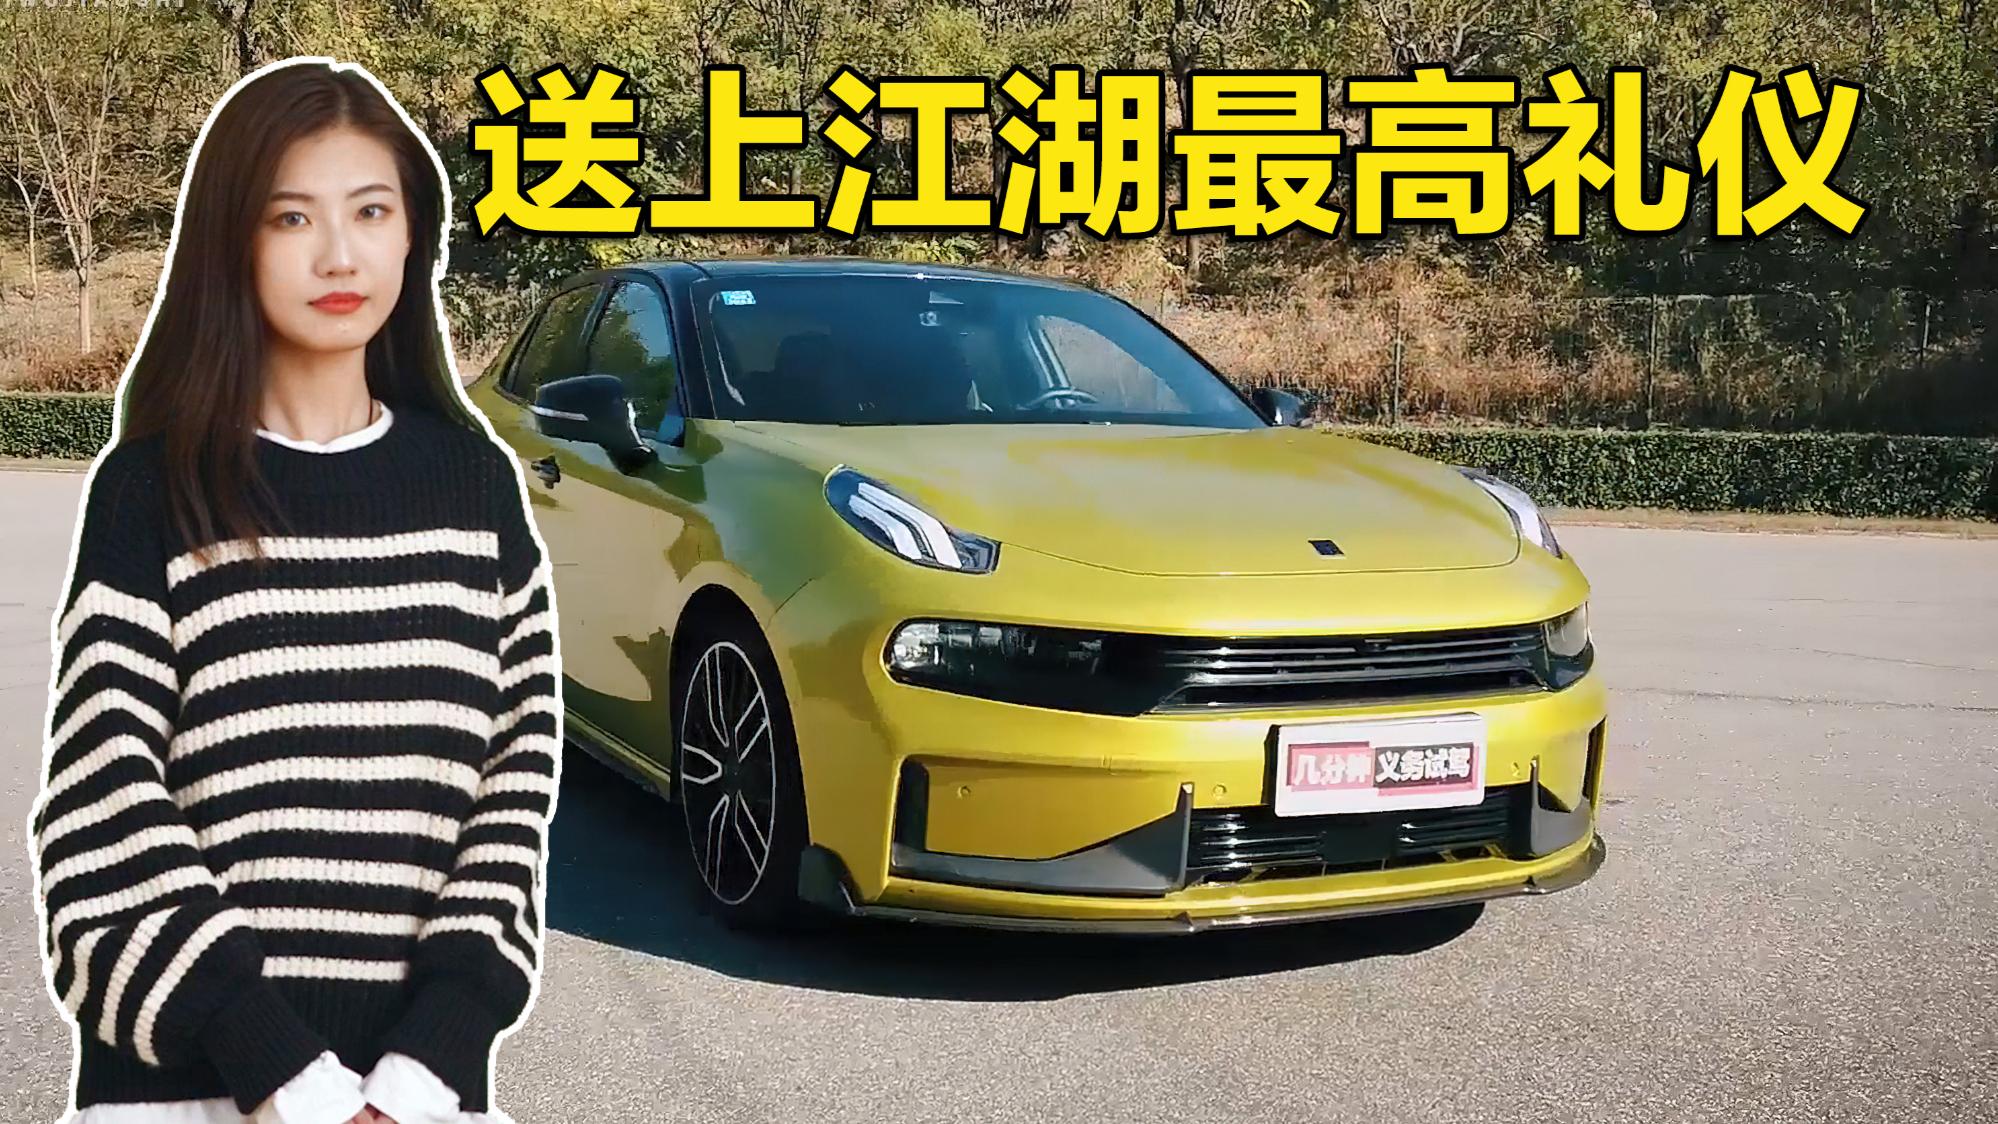 抱拳,江湖超高礼仪送给领克03+!